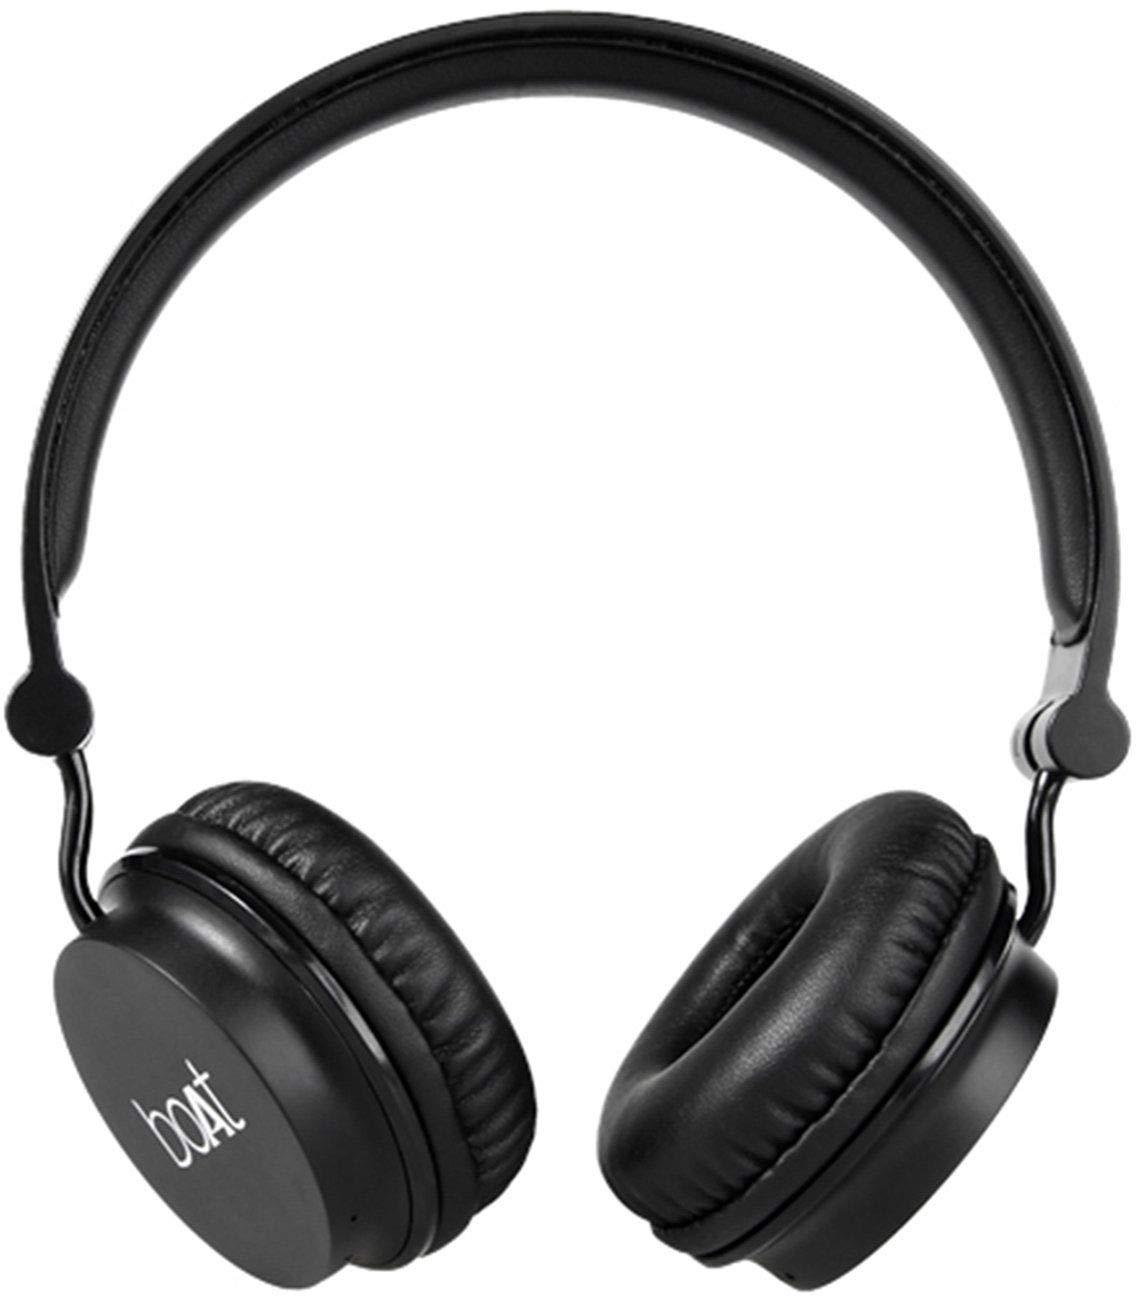 Boat Rockerz 400 On-Ear Bluetooth Headphones (50% OFF)